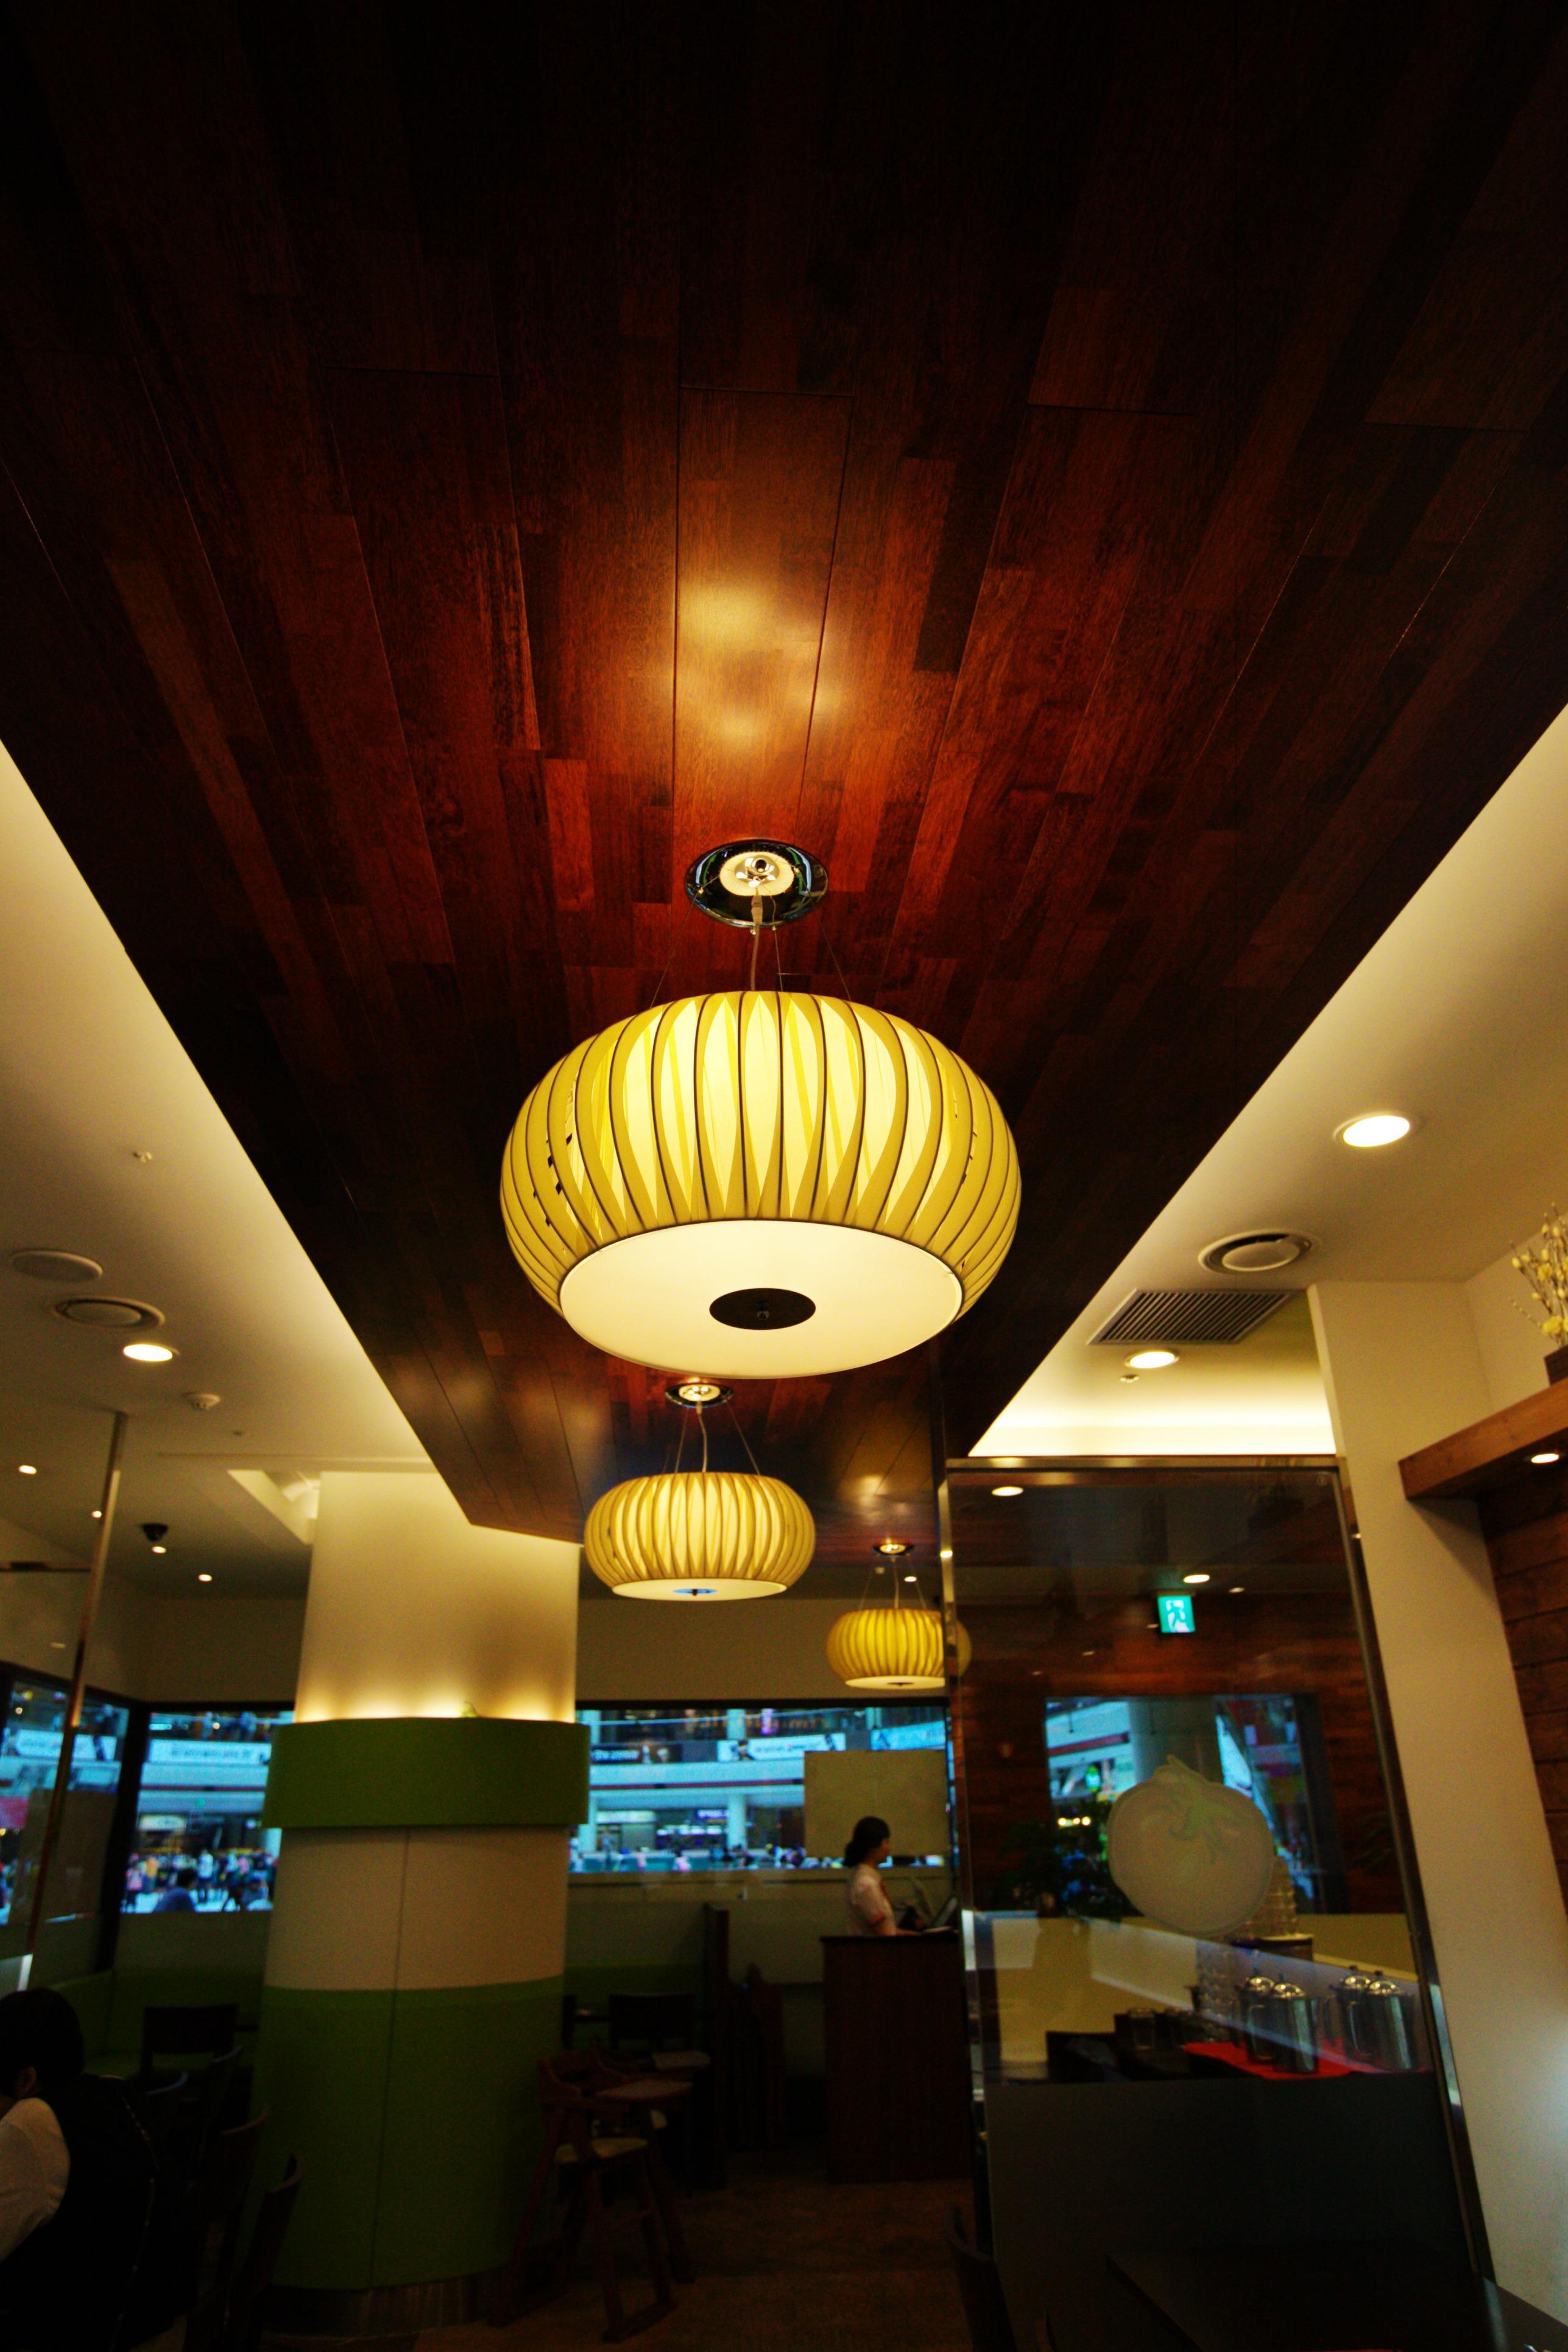 Kostenlose foto : Licht, Nacht-, Restaurant, Decke, Kochen ...